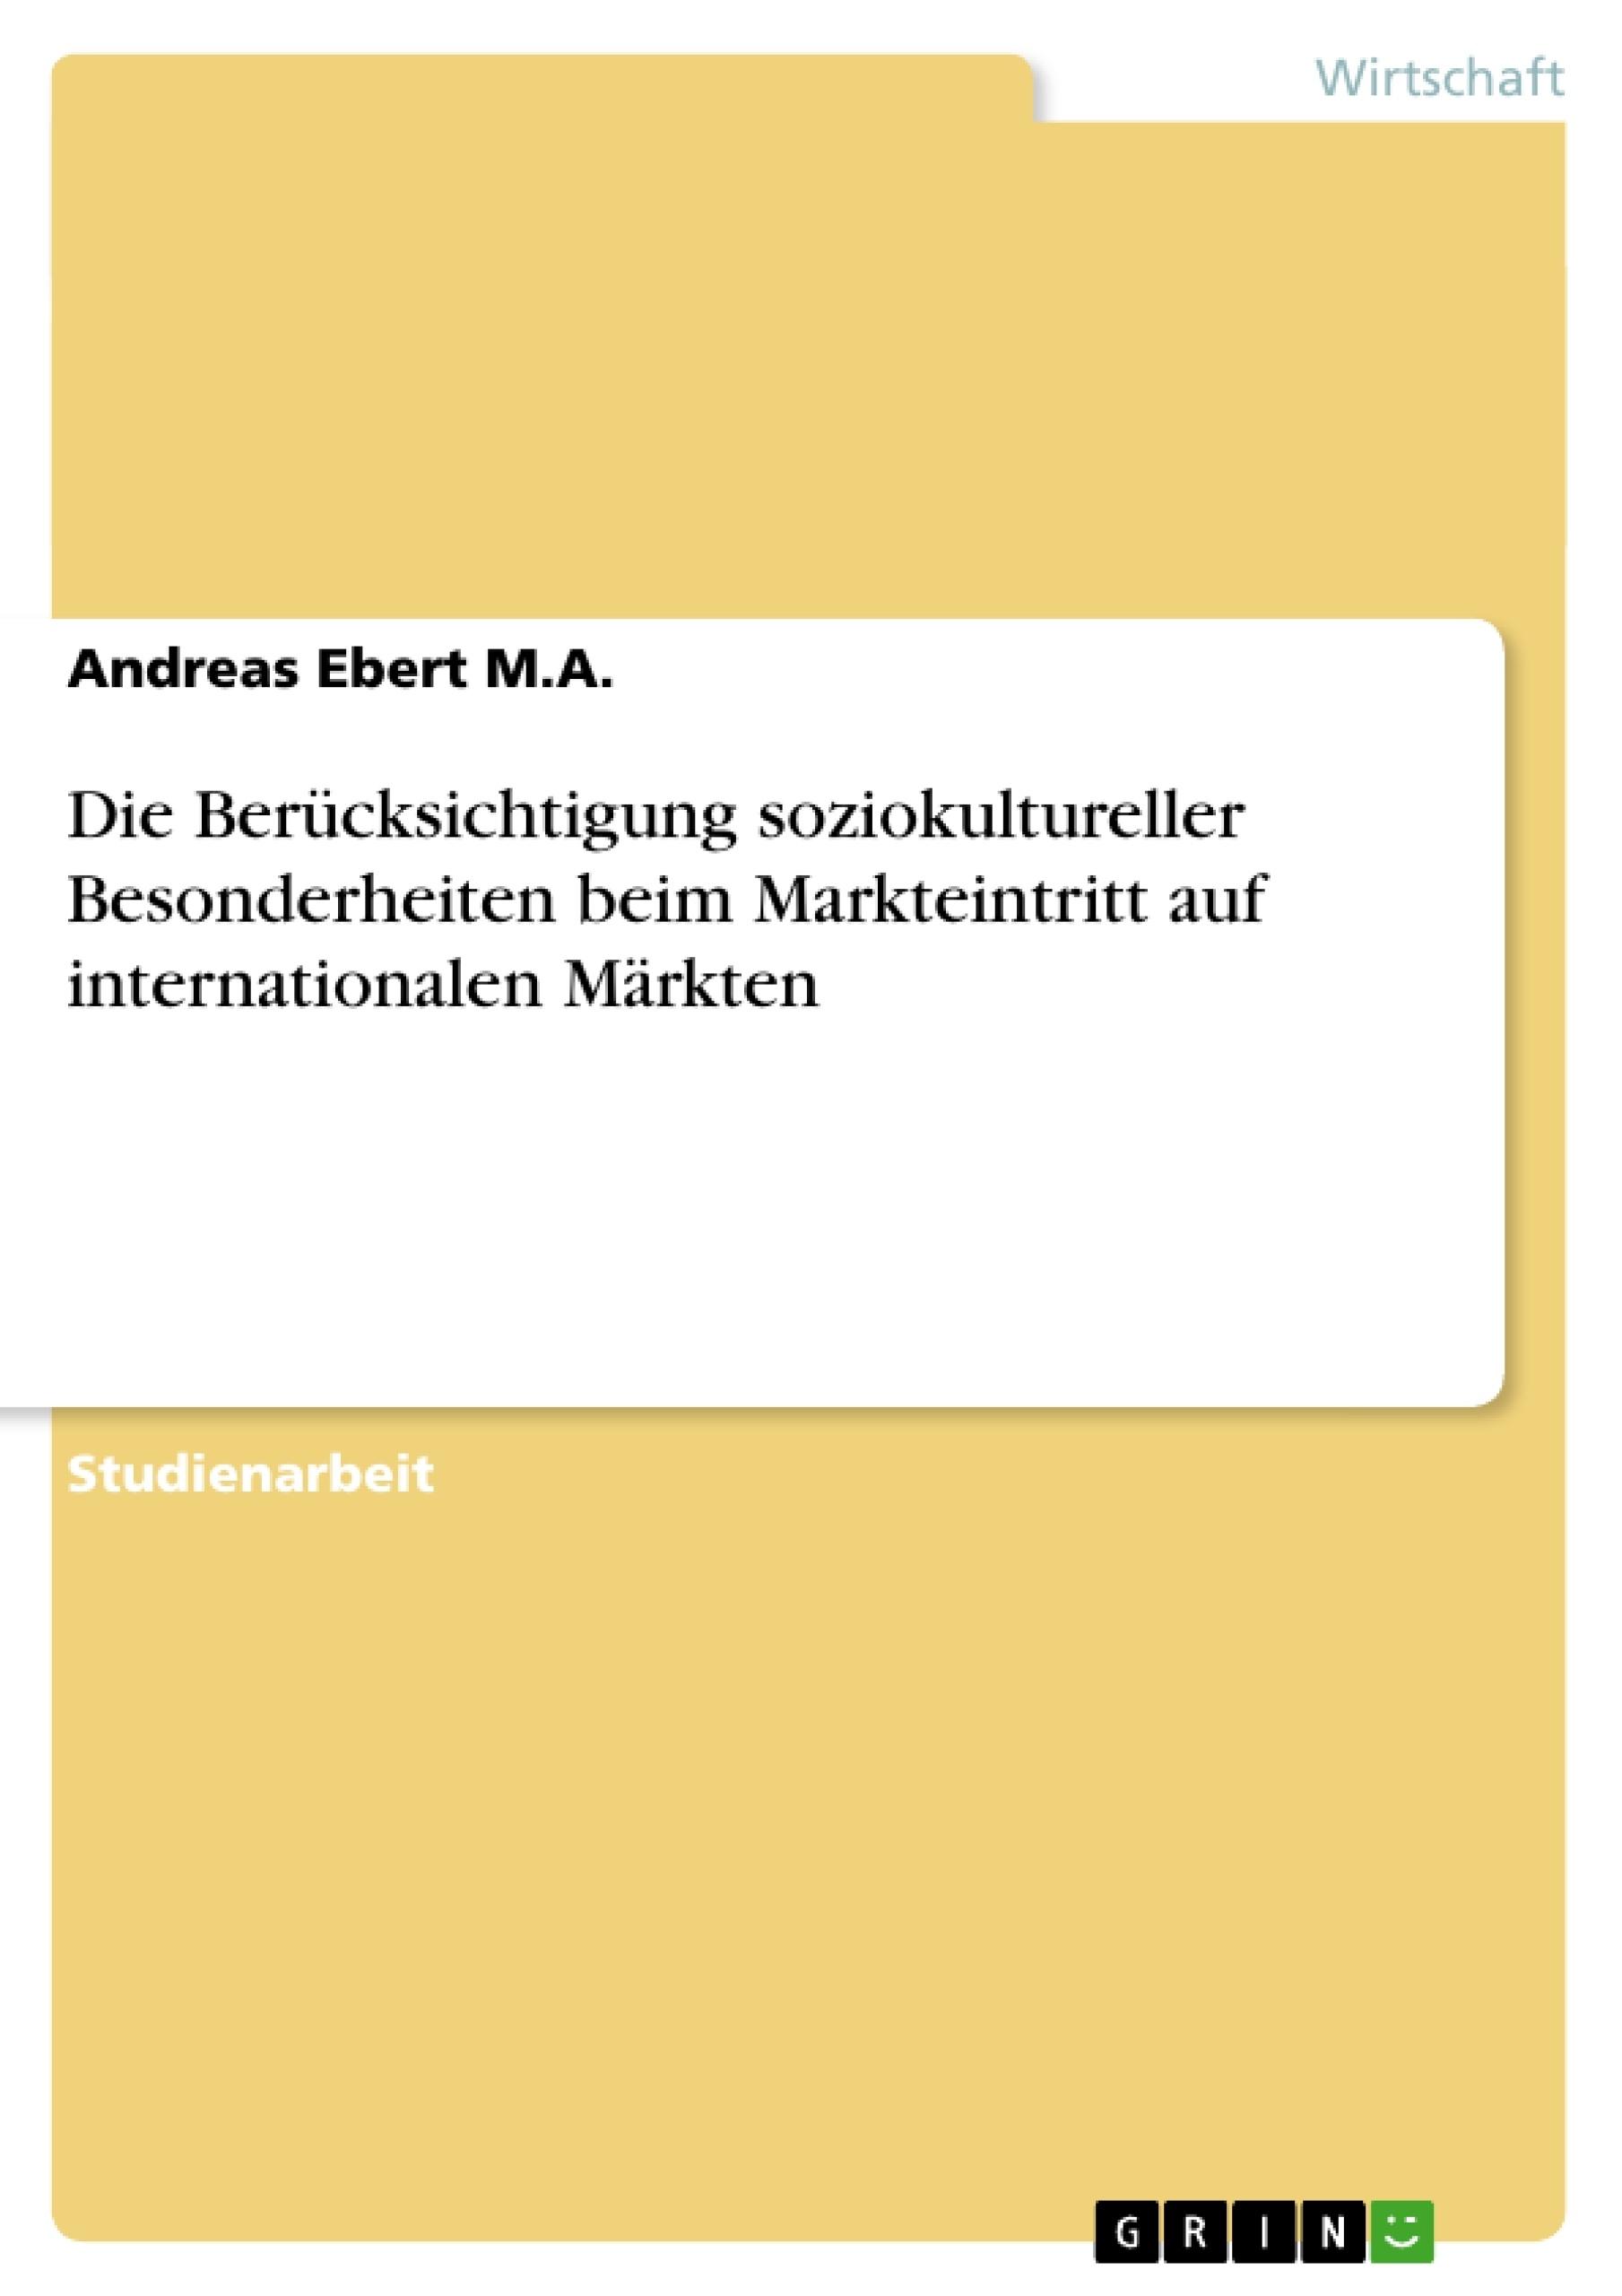 Titel: Die Berücksichtigung soziokultureller Besonderheiten beim Markteintritt auf internationalen Märkten